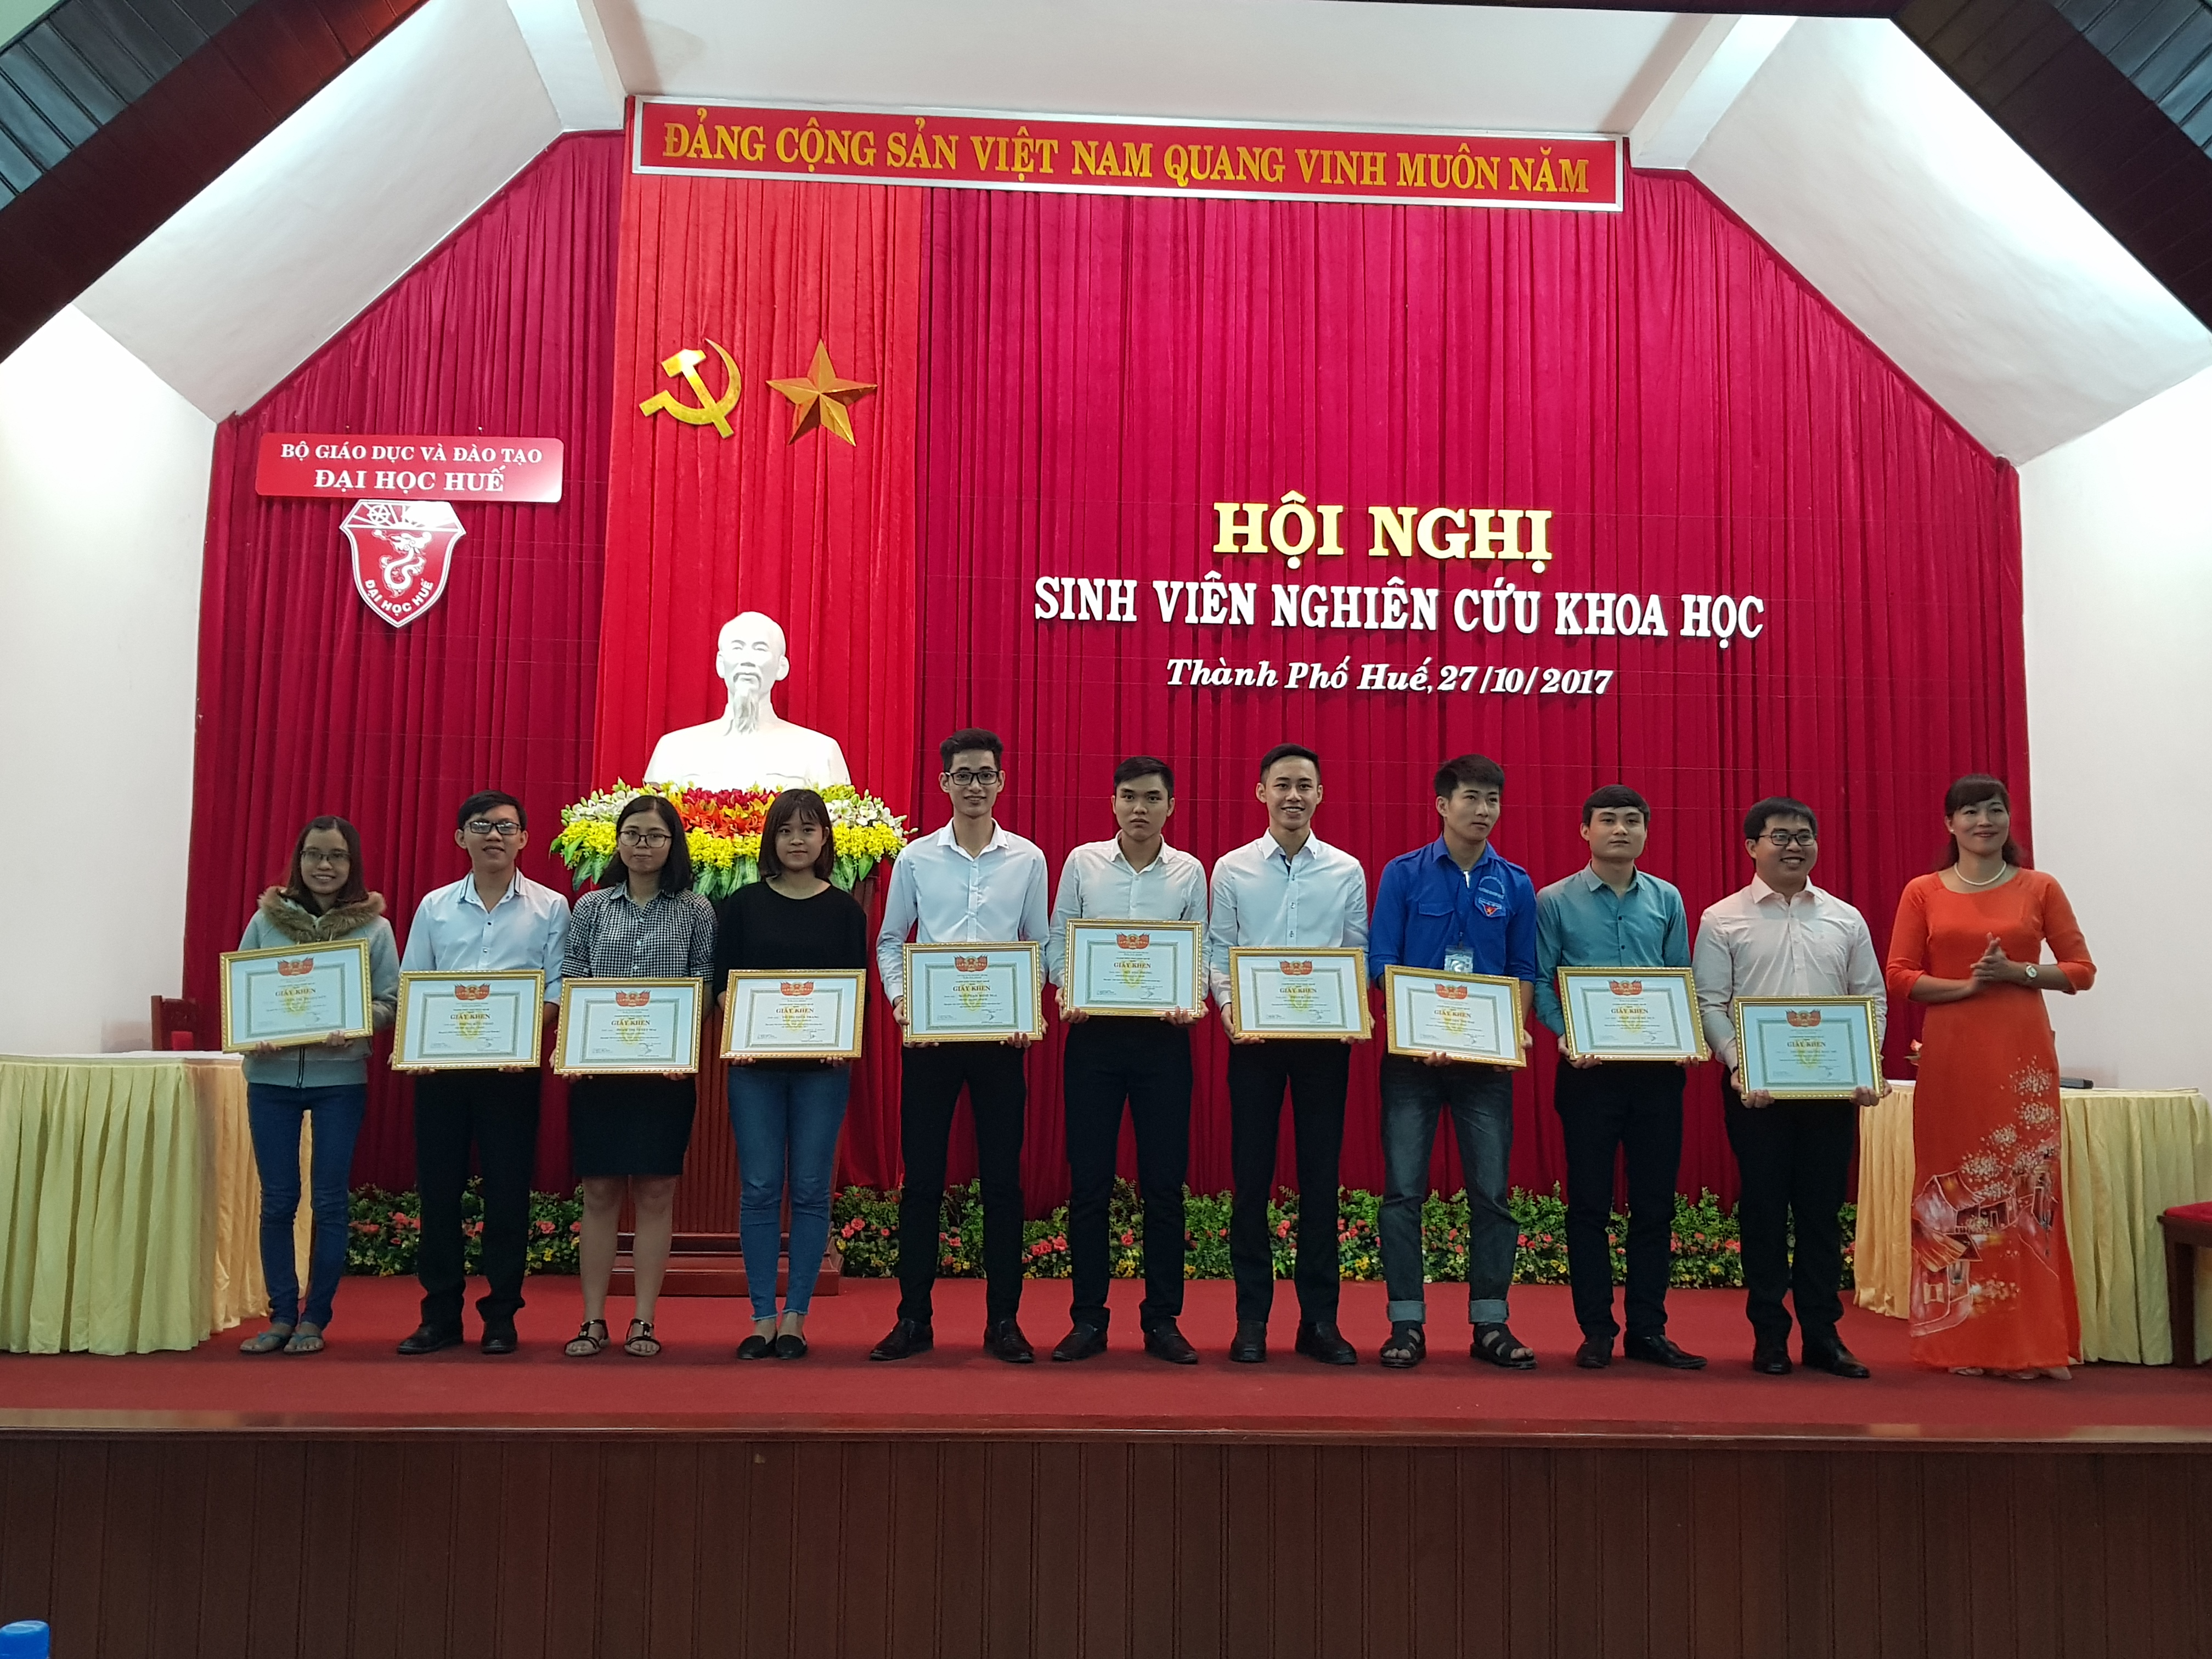 Sinh viên Trường ĐH Y Dược Huế đạt giải Nhất và giải Ba tại Hội nghị sinh viên nghiên cứu khoa học 2017.